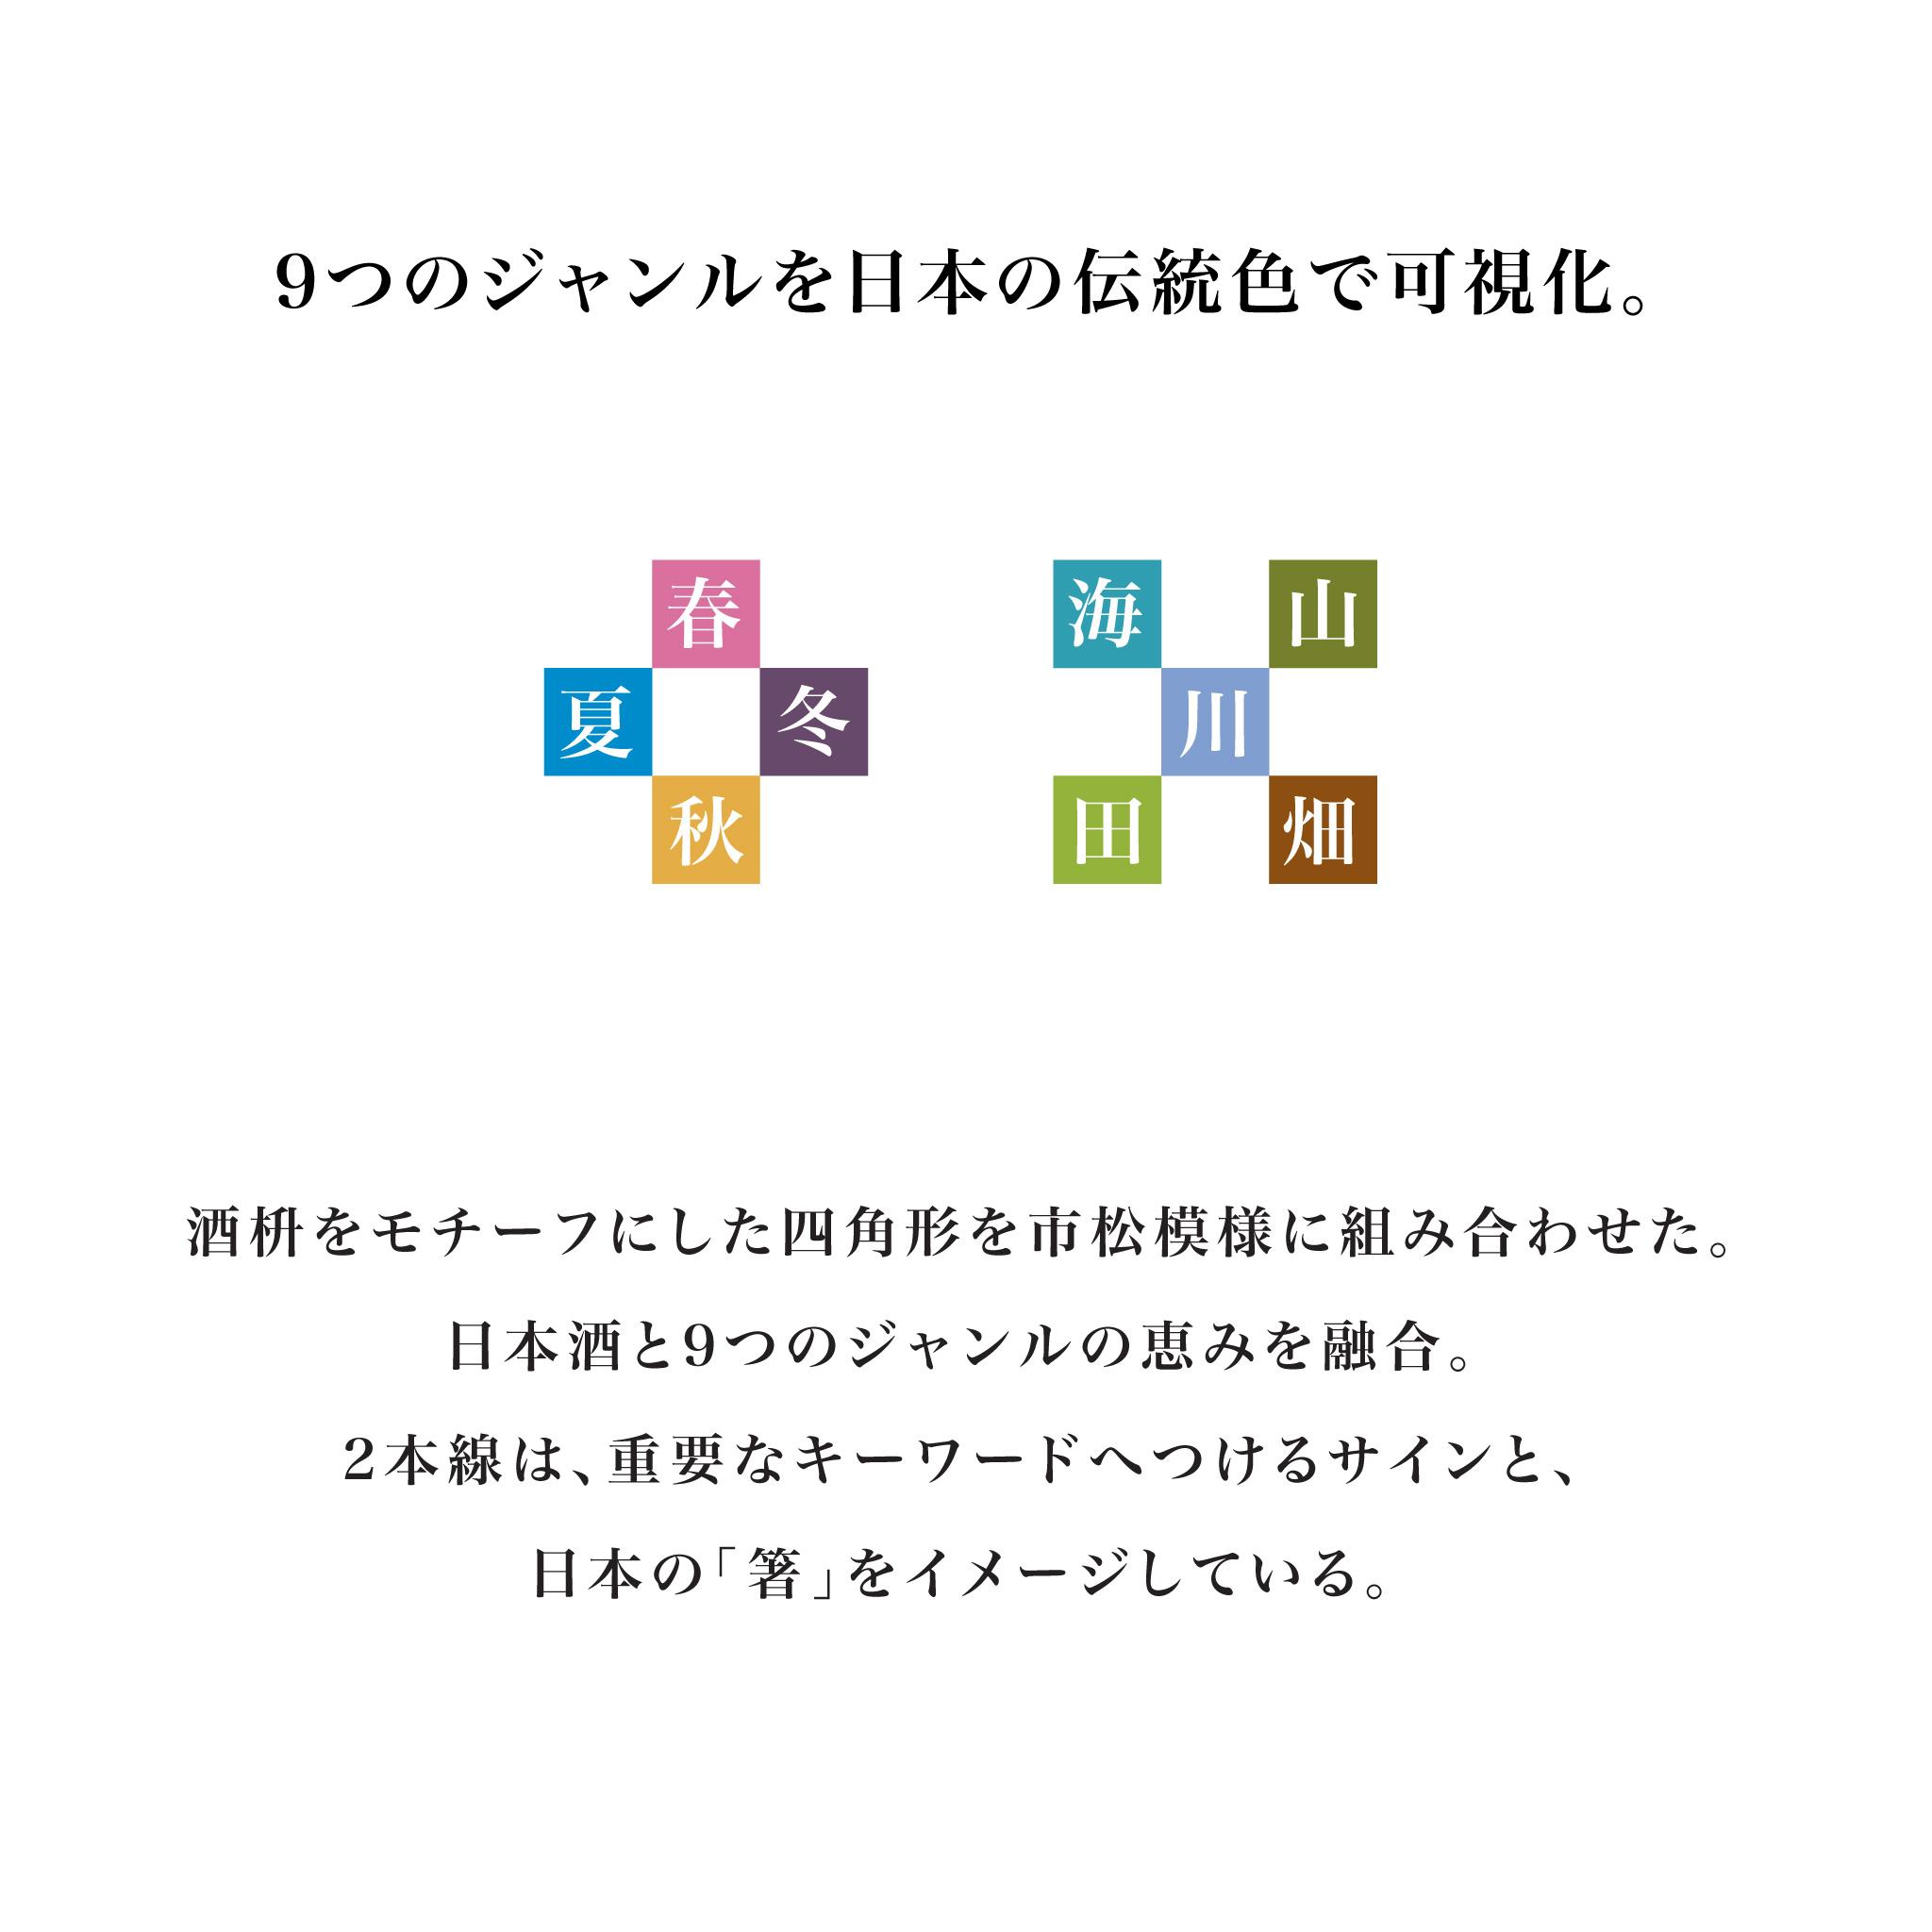 VI_ニッポンのATE_04